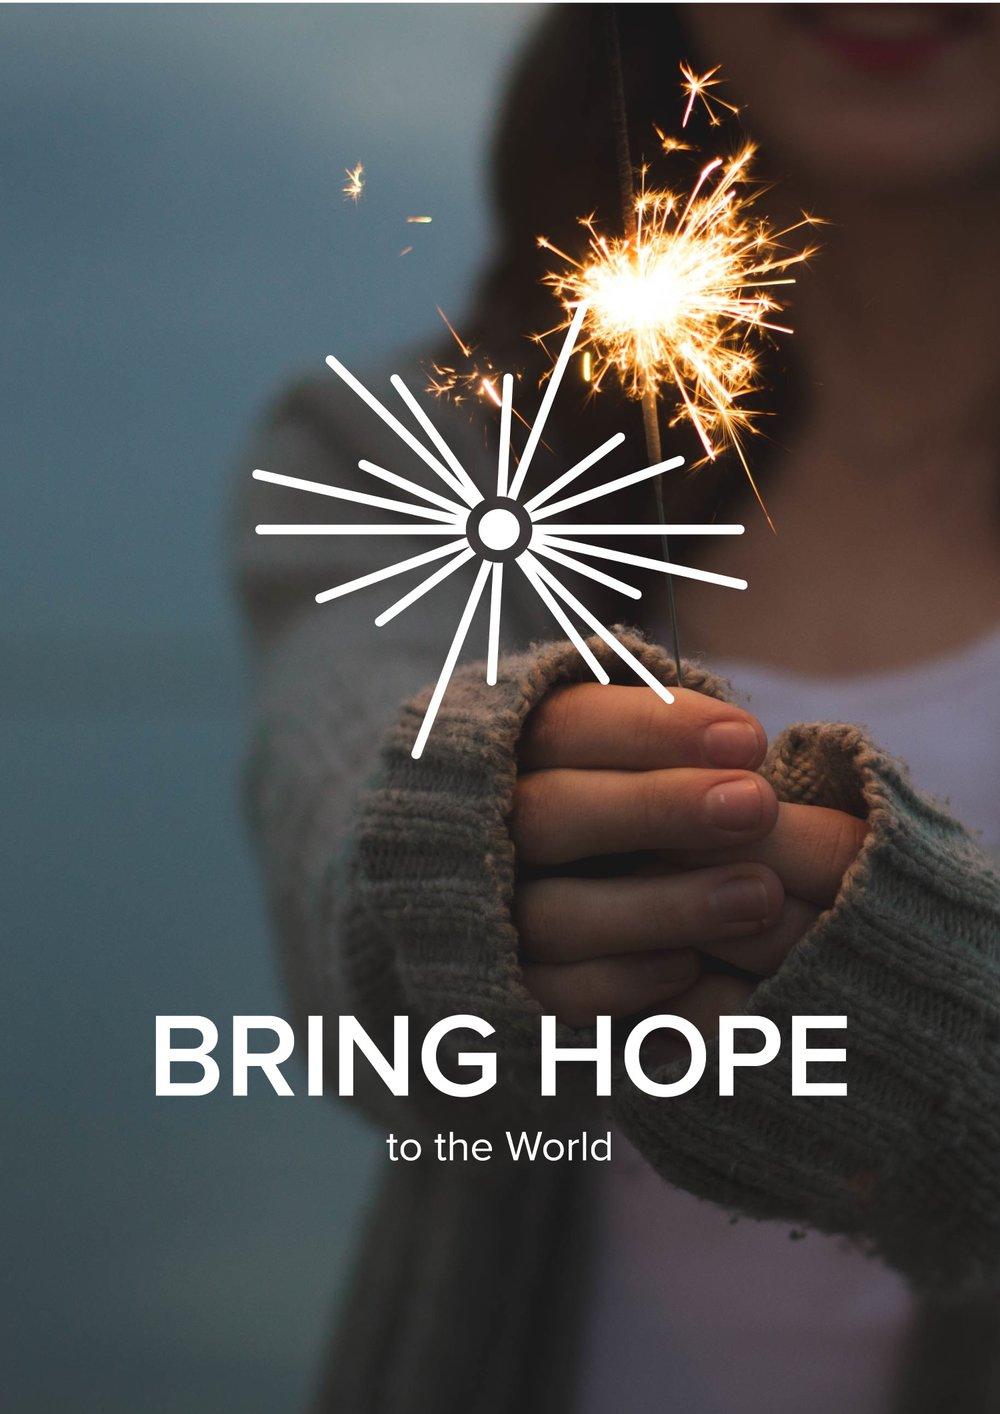 bring_hope.jpg